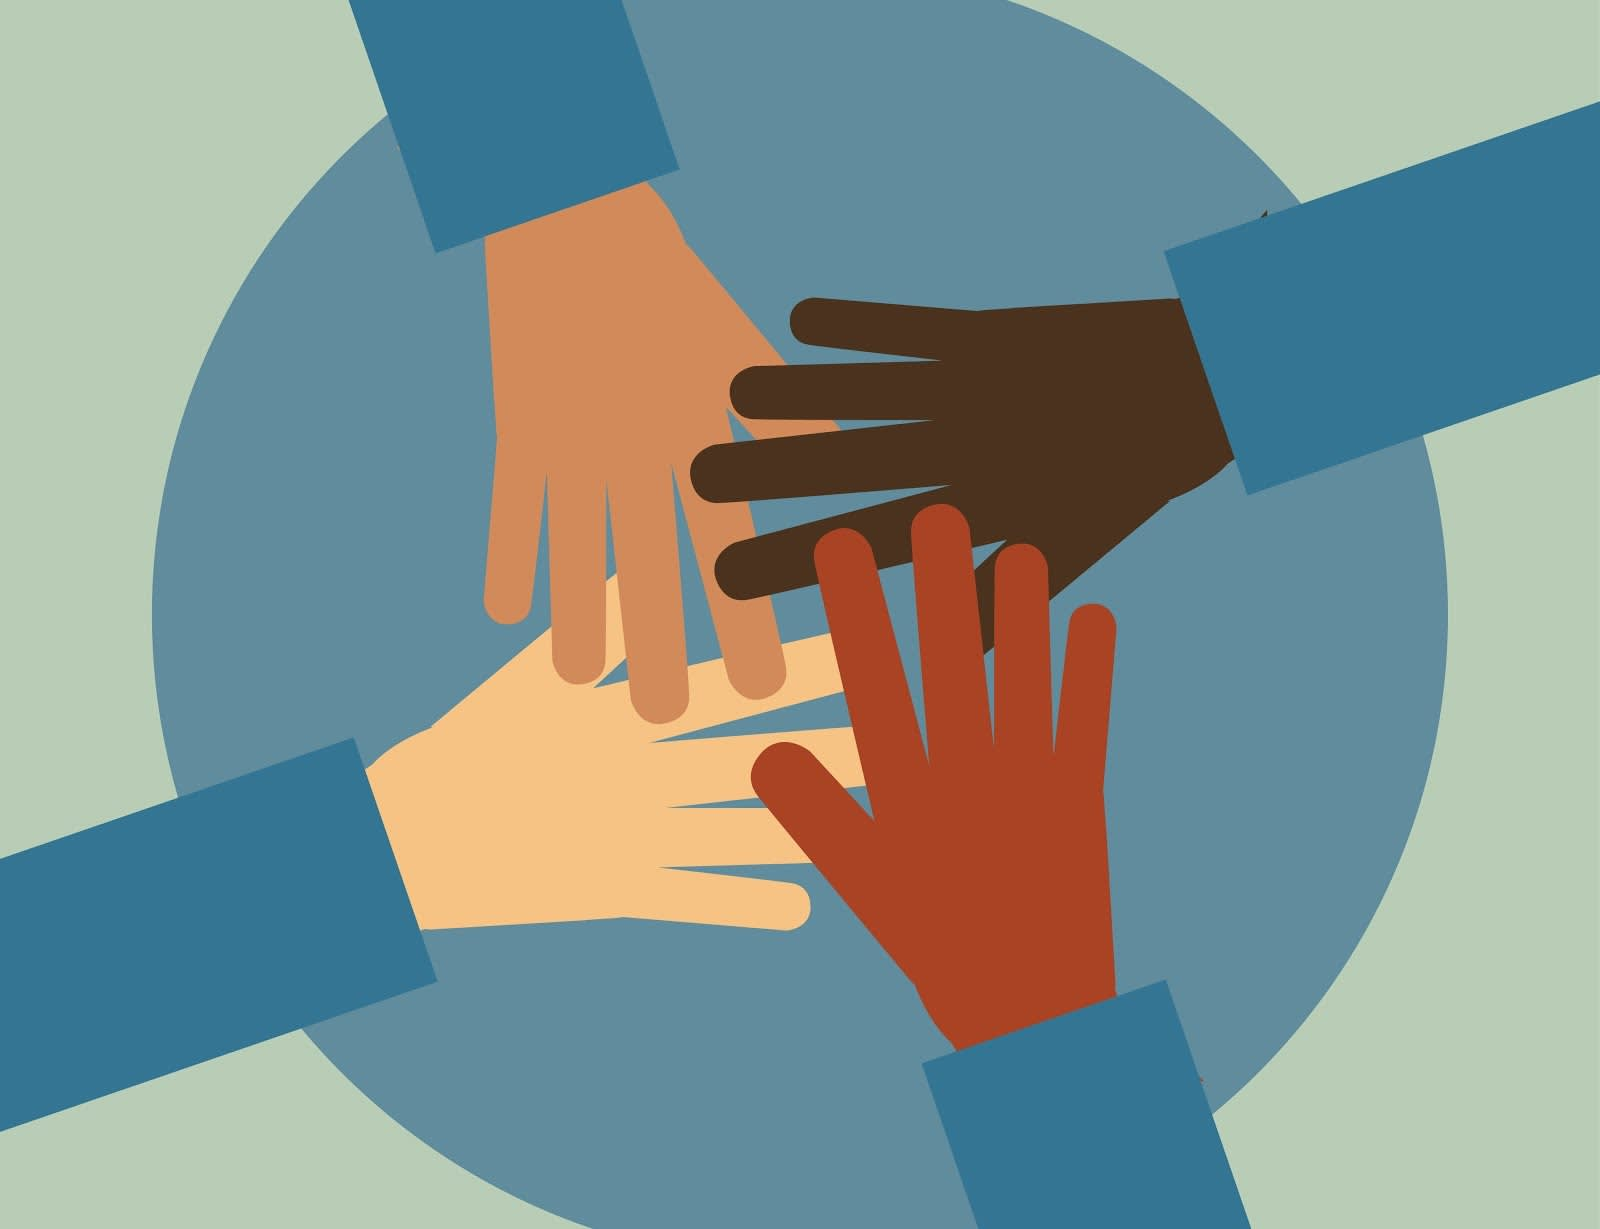 As quatro mãos que se sobrepõem num círculo representam a ideia de que, juntos, o Salesforce CPQ e o Salesforce Billing formam a única plataforma que realmente permite a colaboração multifuncional entre as áreas de vendas, operações e finanças.